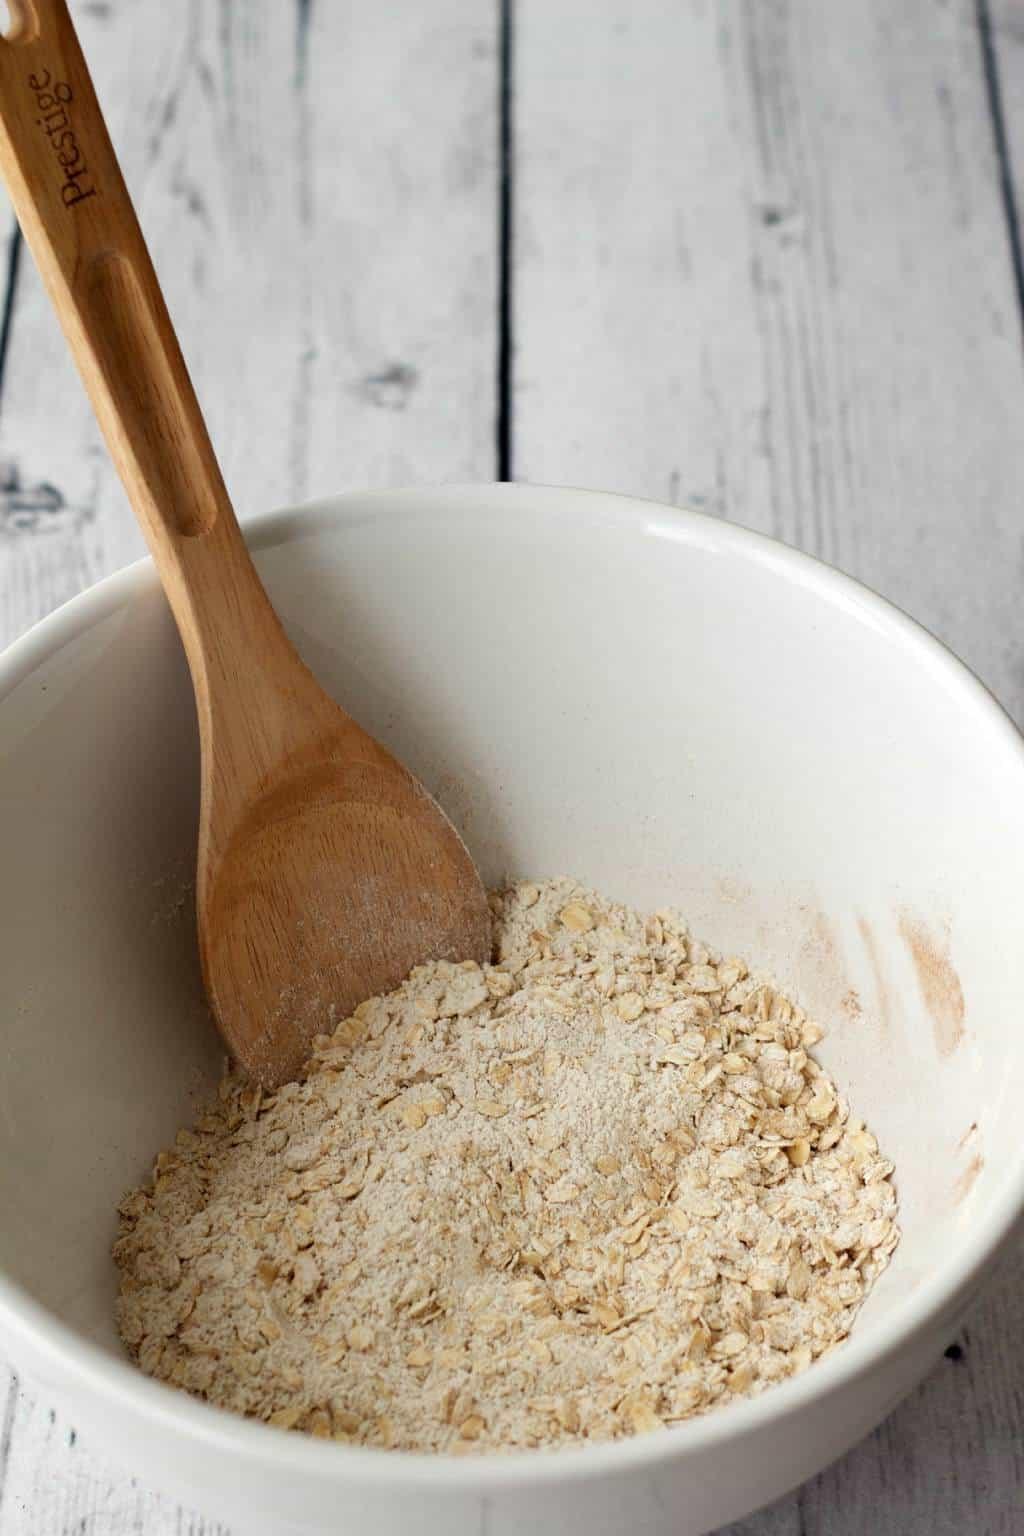 How to make #vegan Oatmeal Crunchies